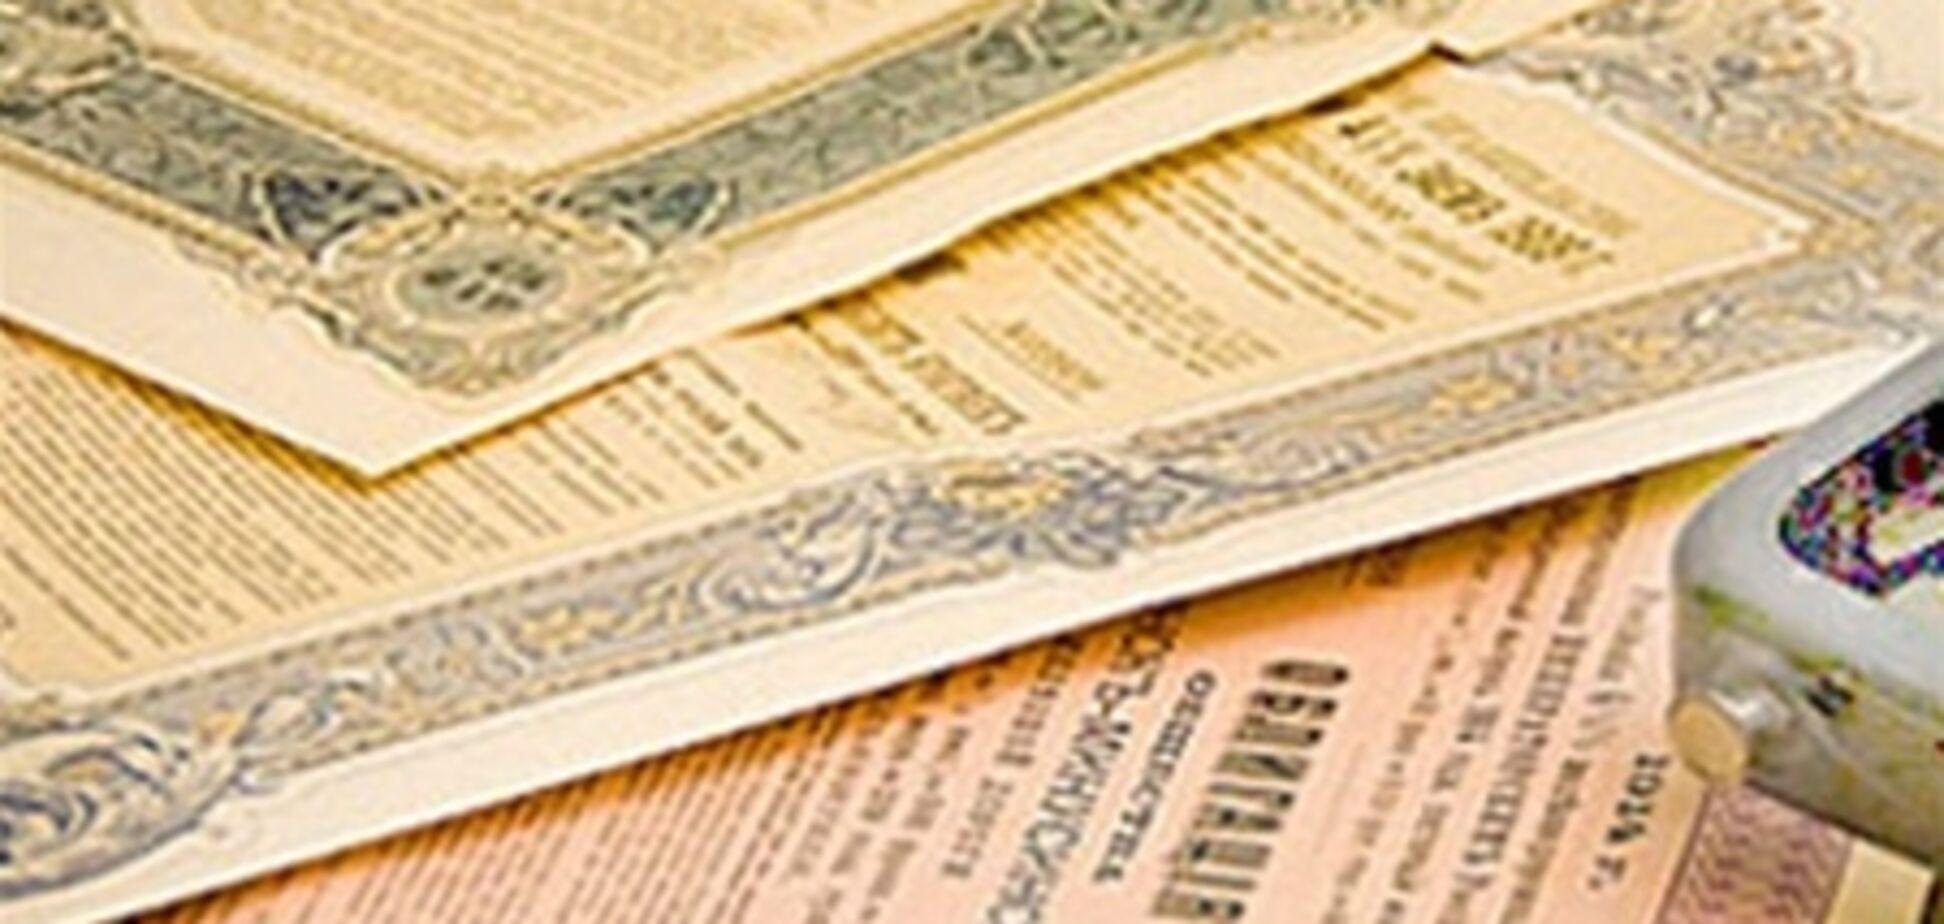 Ипотечное кредитование можно возобновить с помощью облигаций